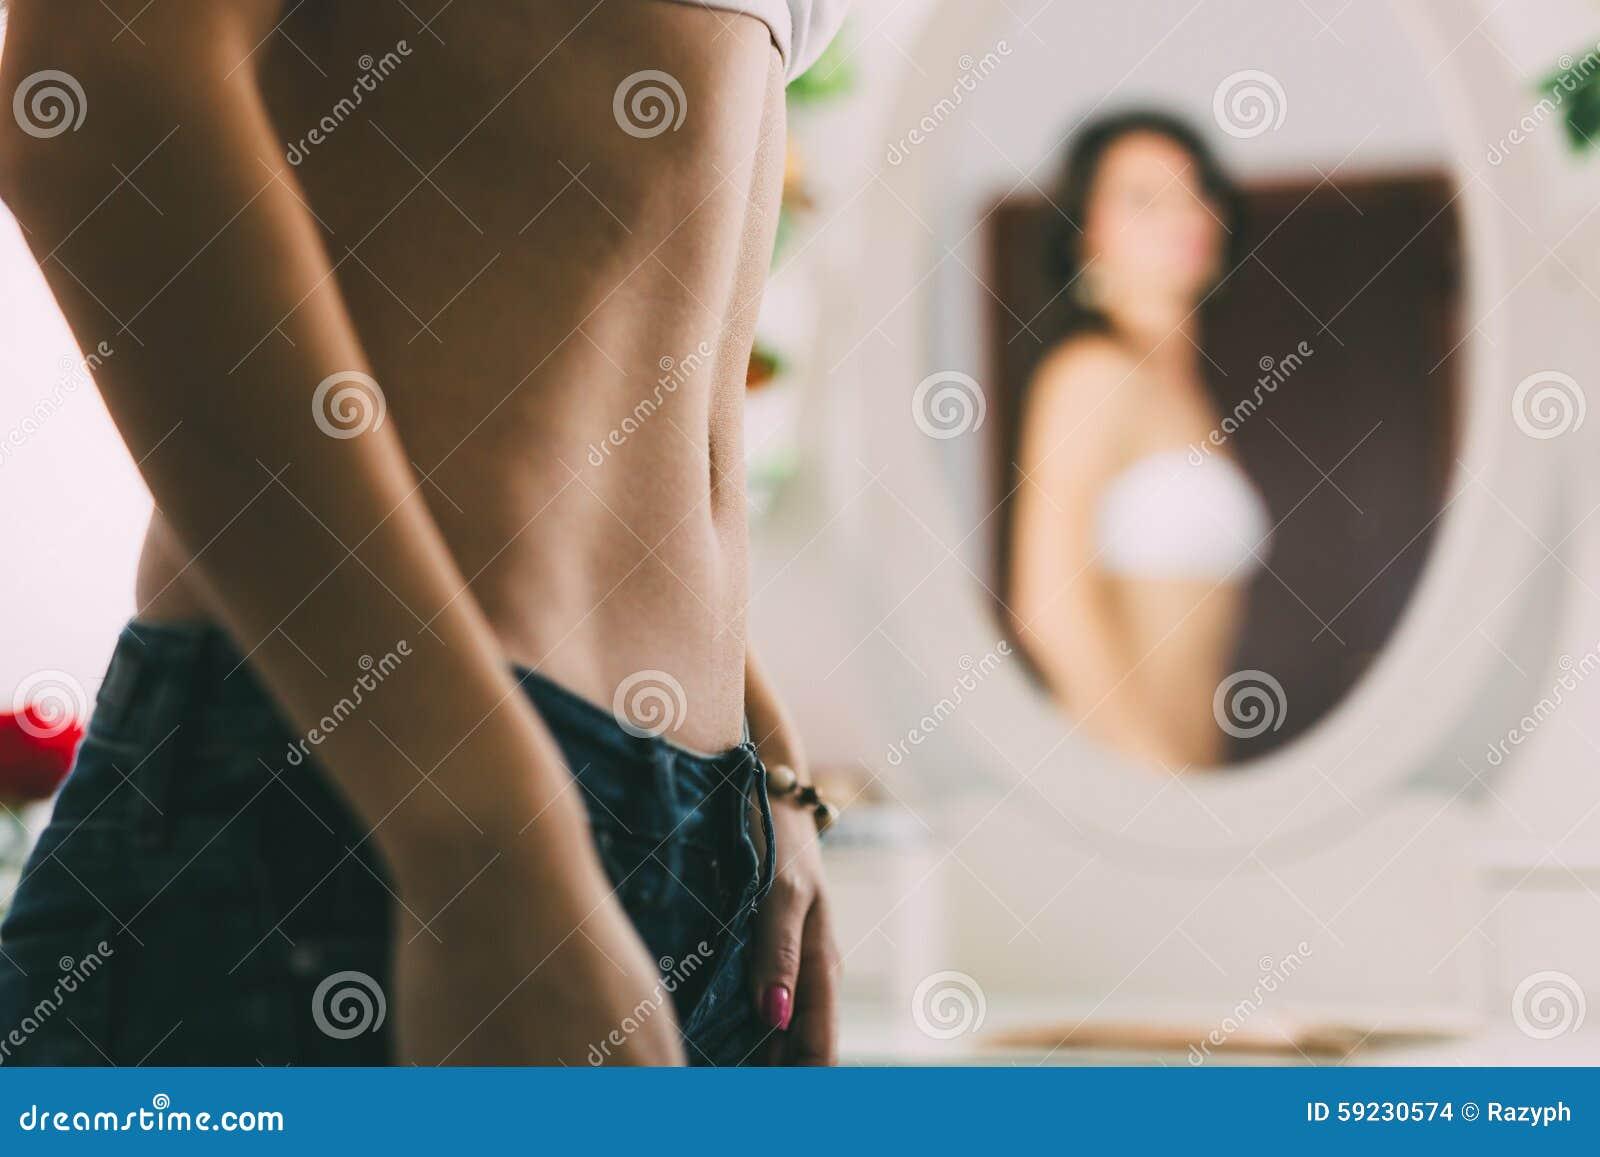 ABS de la mujer